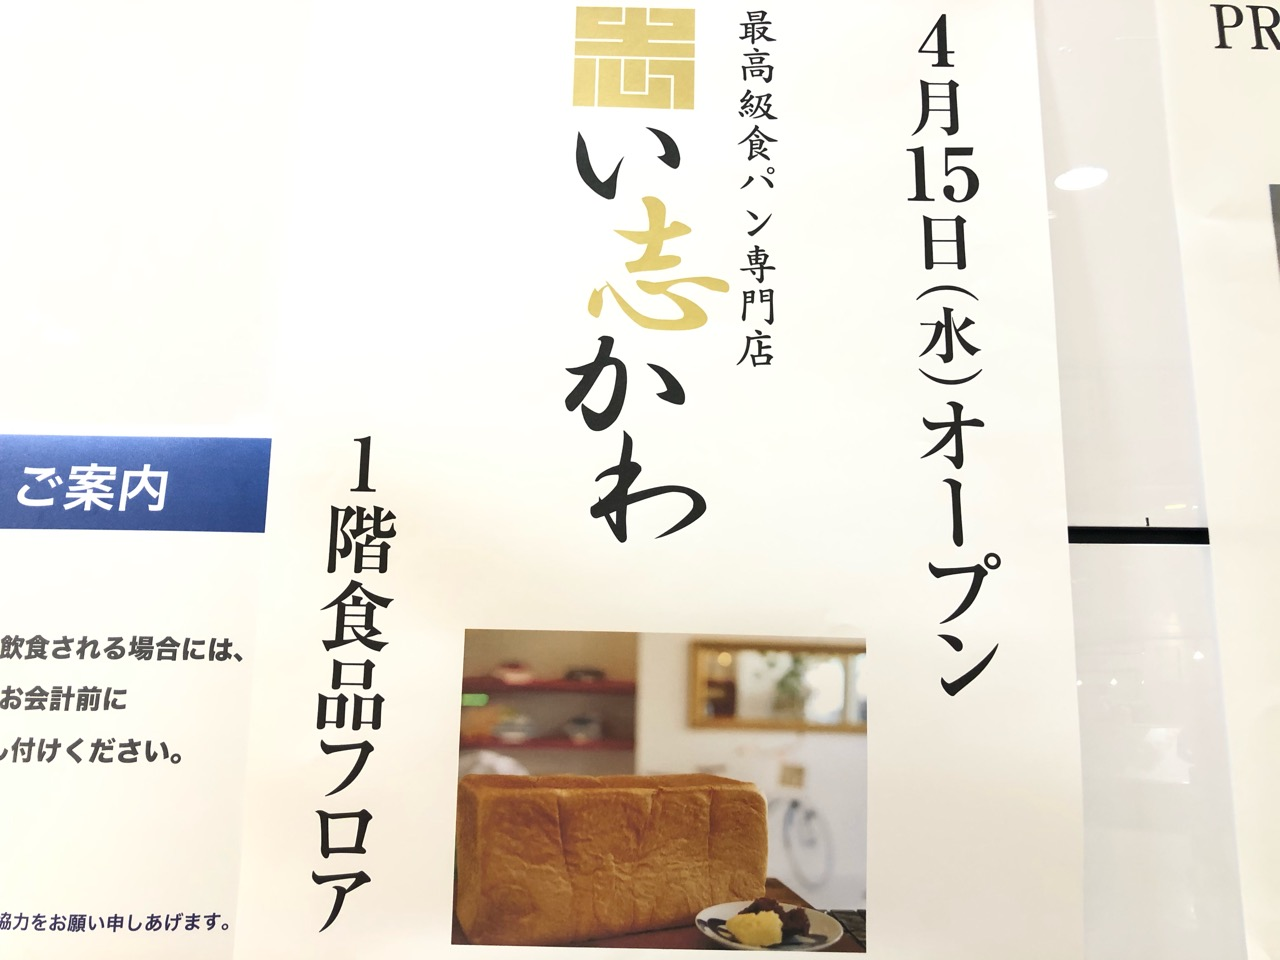 松坂屋豊田店のい志かわ